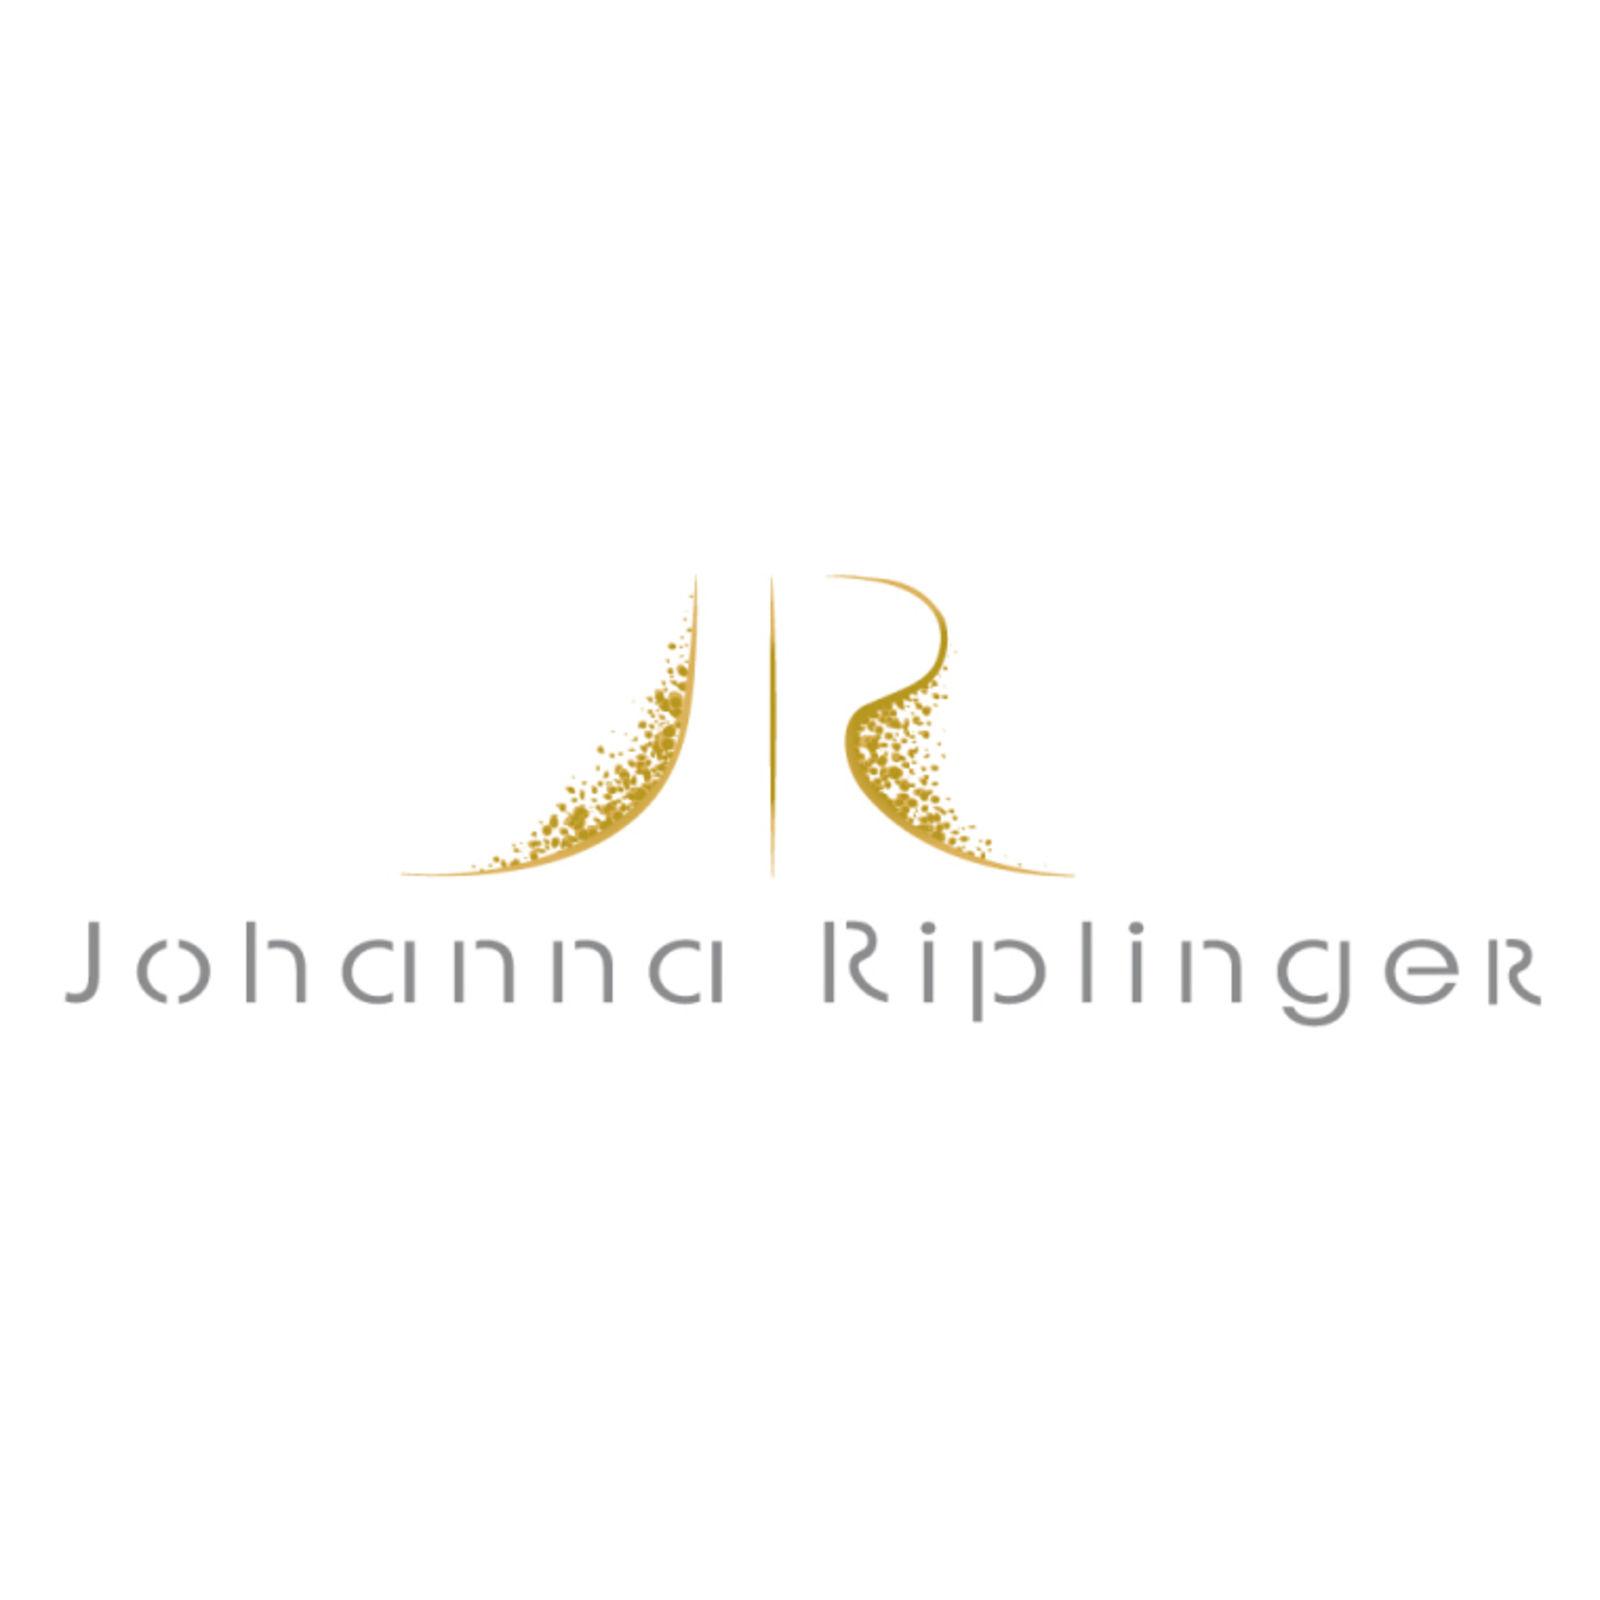 Johanna Riplinger